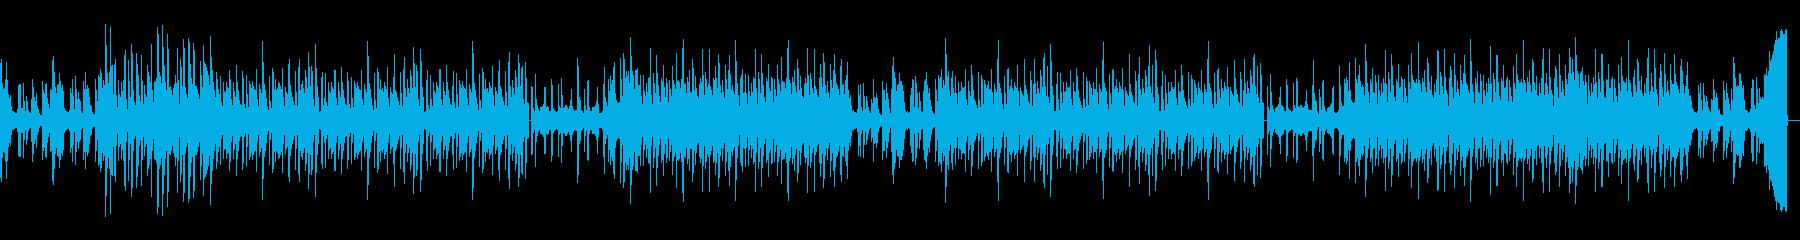 ダークめで壮大なイメージのHIPHOPの再生済みの波形